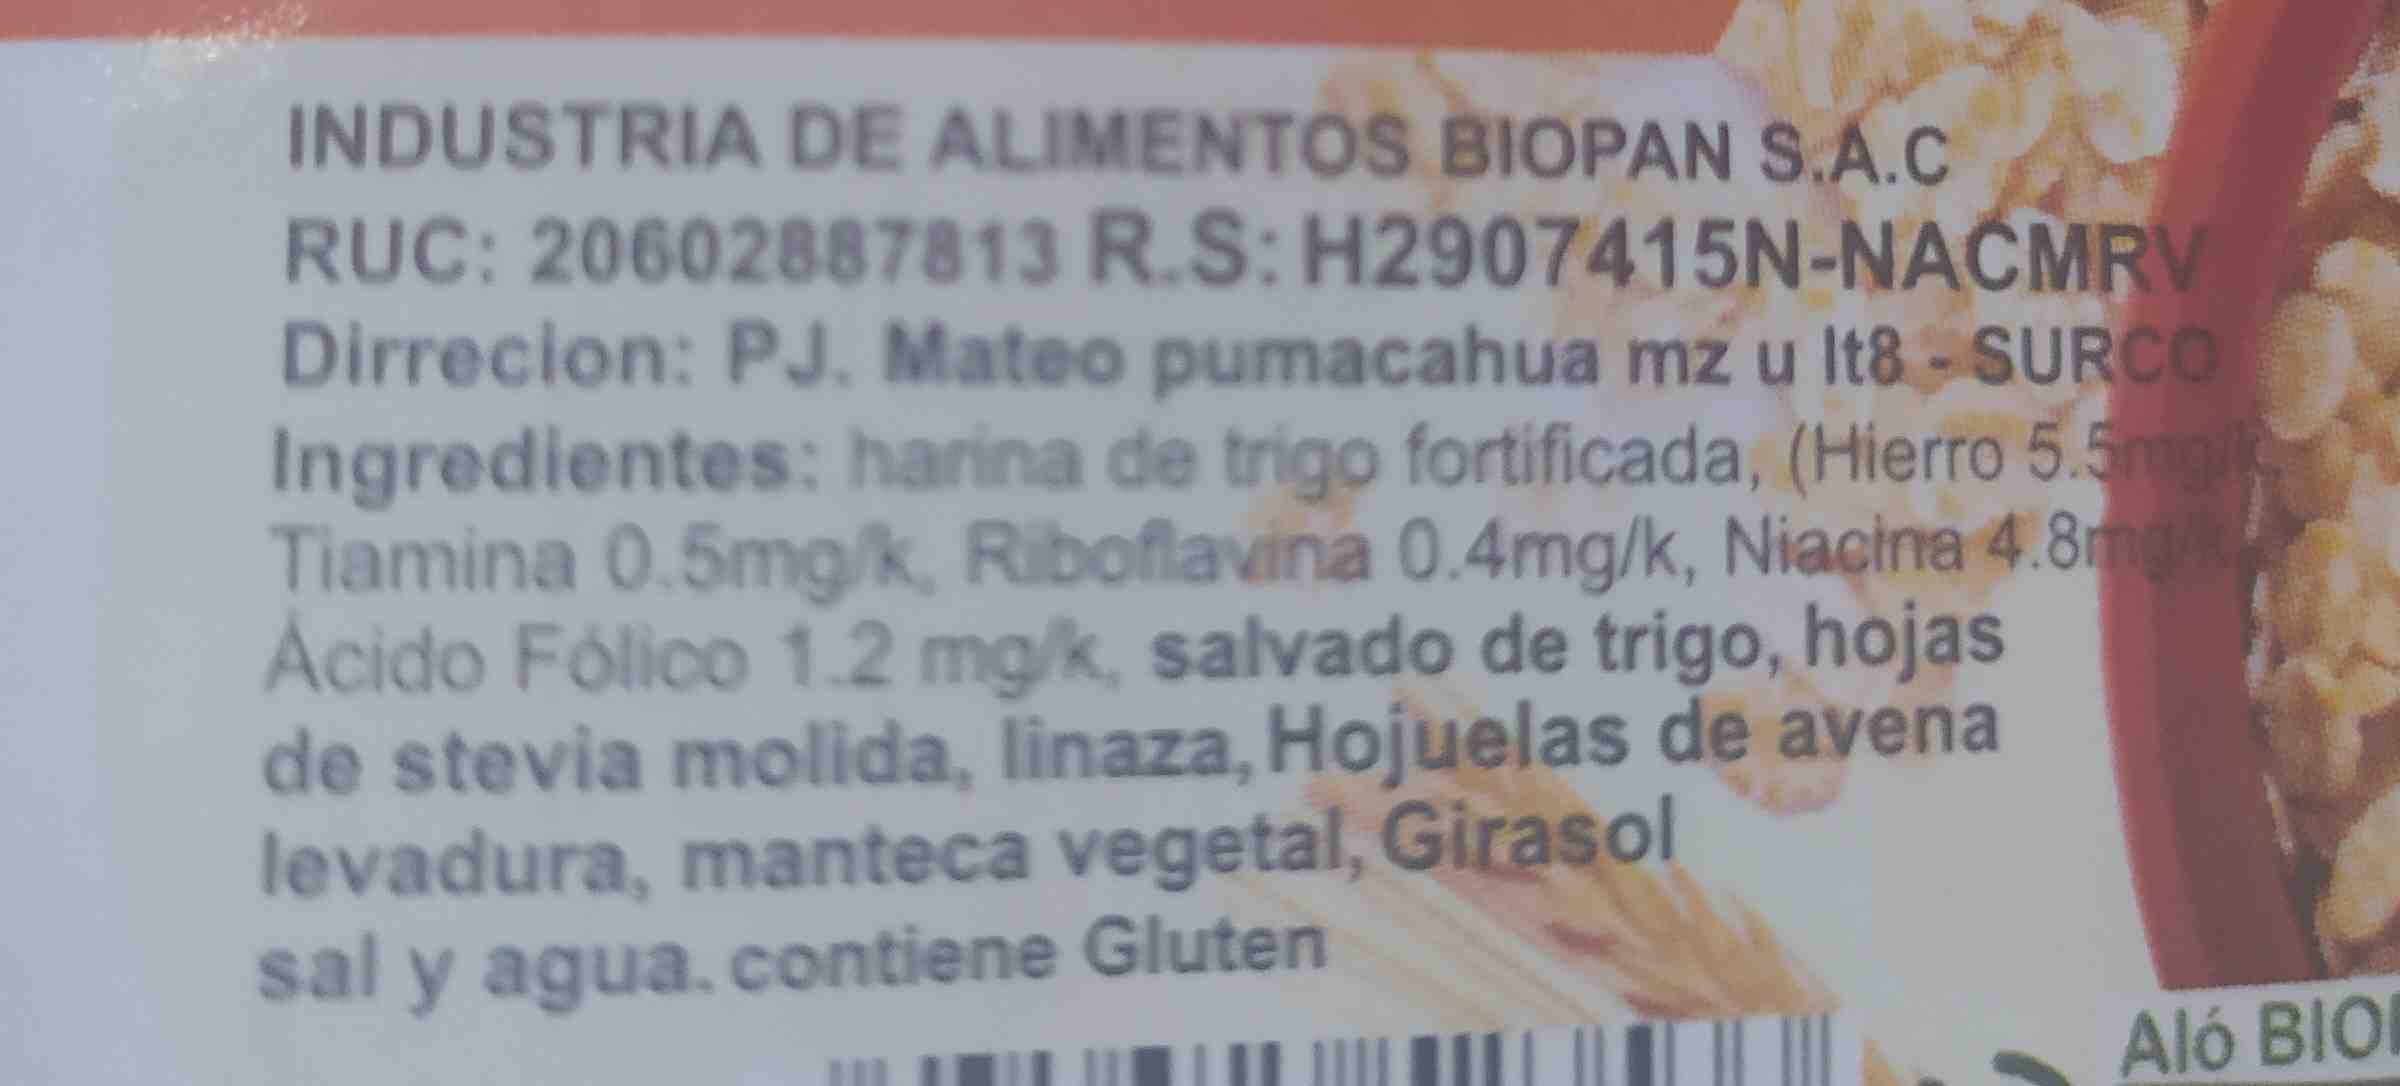 bio pan - Ingredientes - en